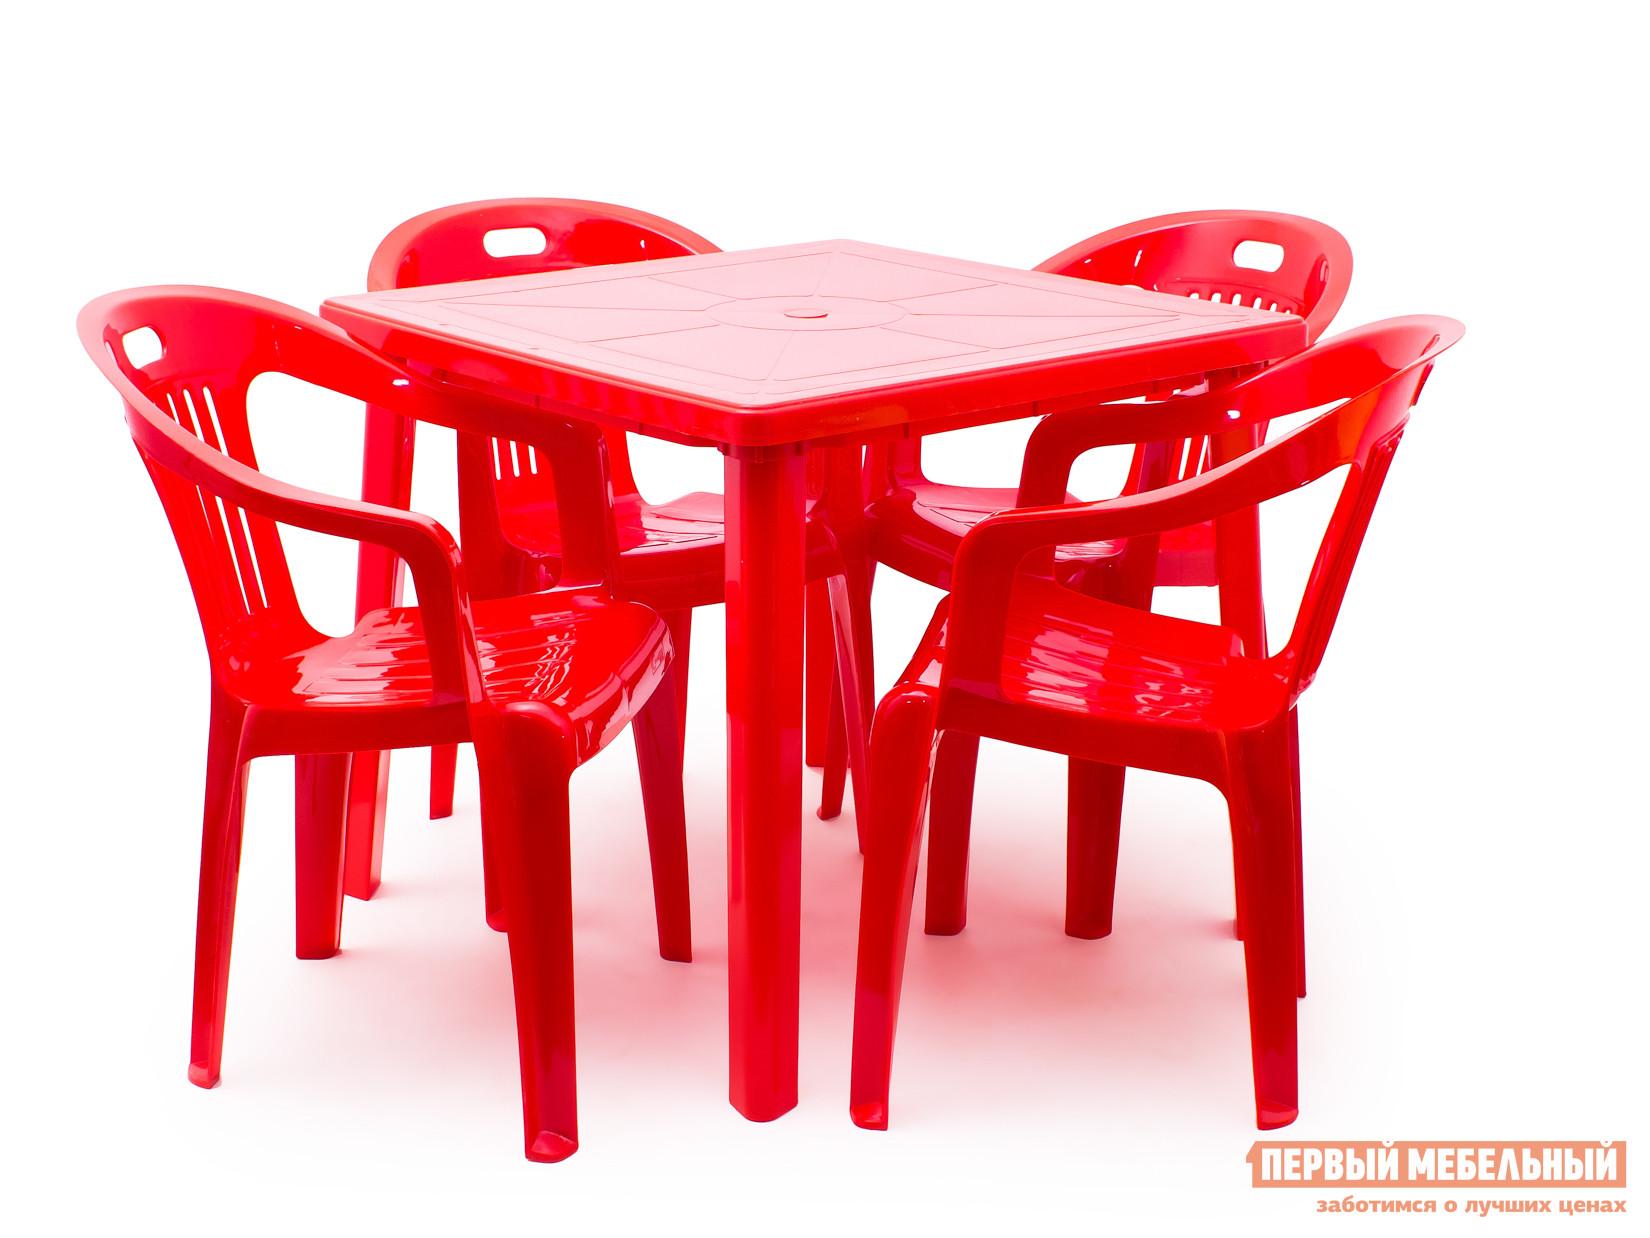 Набор пластиковой мебели Стандарт Пластик Стол квадратный (800х800х710) + Кресло №5 Комфорт-1 (540x535x780мм), 4 шт. КрасныйНаборы пластиковой мебели<br>Габаритные размеры ВхШхГ xx мм. Набор пластиковой мебели для организации дачного застолья на свежем воздухе.  Также такая мебель подойдет для уличных кафе. Каждое кресло рассчитано на максимальный вес 120 кг. Размеры элементов:Стол: 710 Х 800 Х 800 мм, вес 5 кг; Кресло: 780 Х 540 Х 535 мм, вес 2. 4 кг. Кресла поставляются в собранном виде.  Стол разобран – для сборки стола необходимо вкрутить ножки в столешницу.<br><br>Цвет: Красный<br>Кол-во упаковок: 5<br>Форма поставки: В собранном виде<br>Срок гарантии: 1 год<br>Тип: На 4 персоны